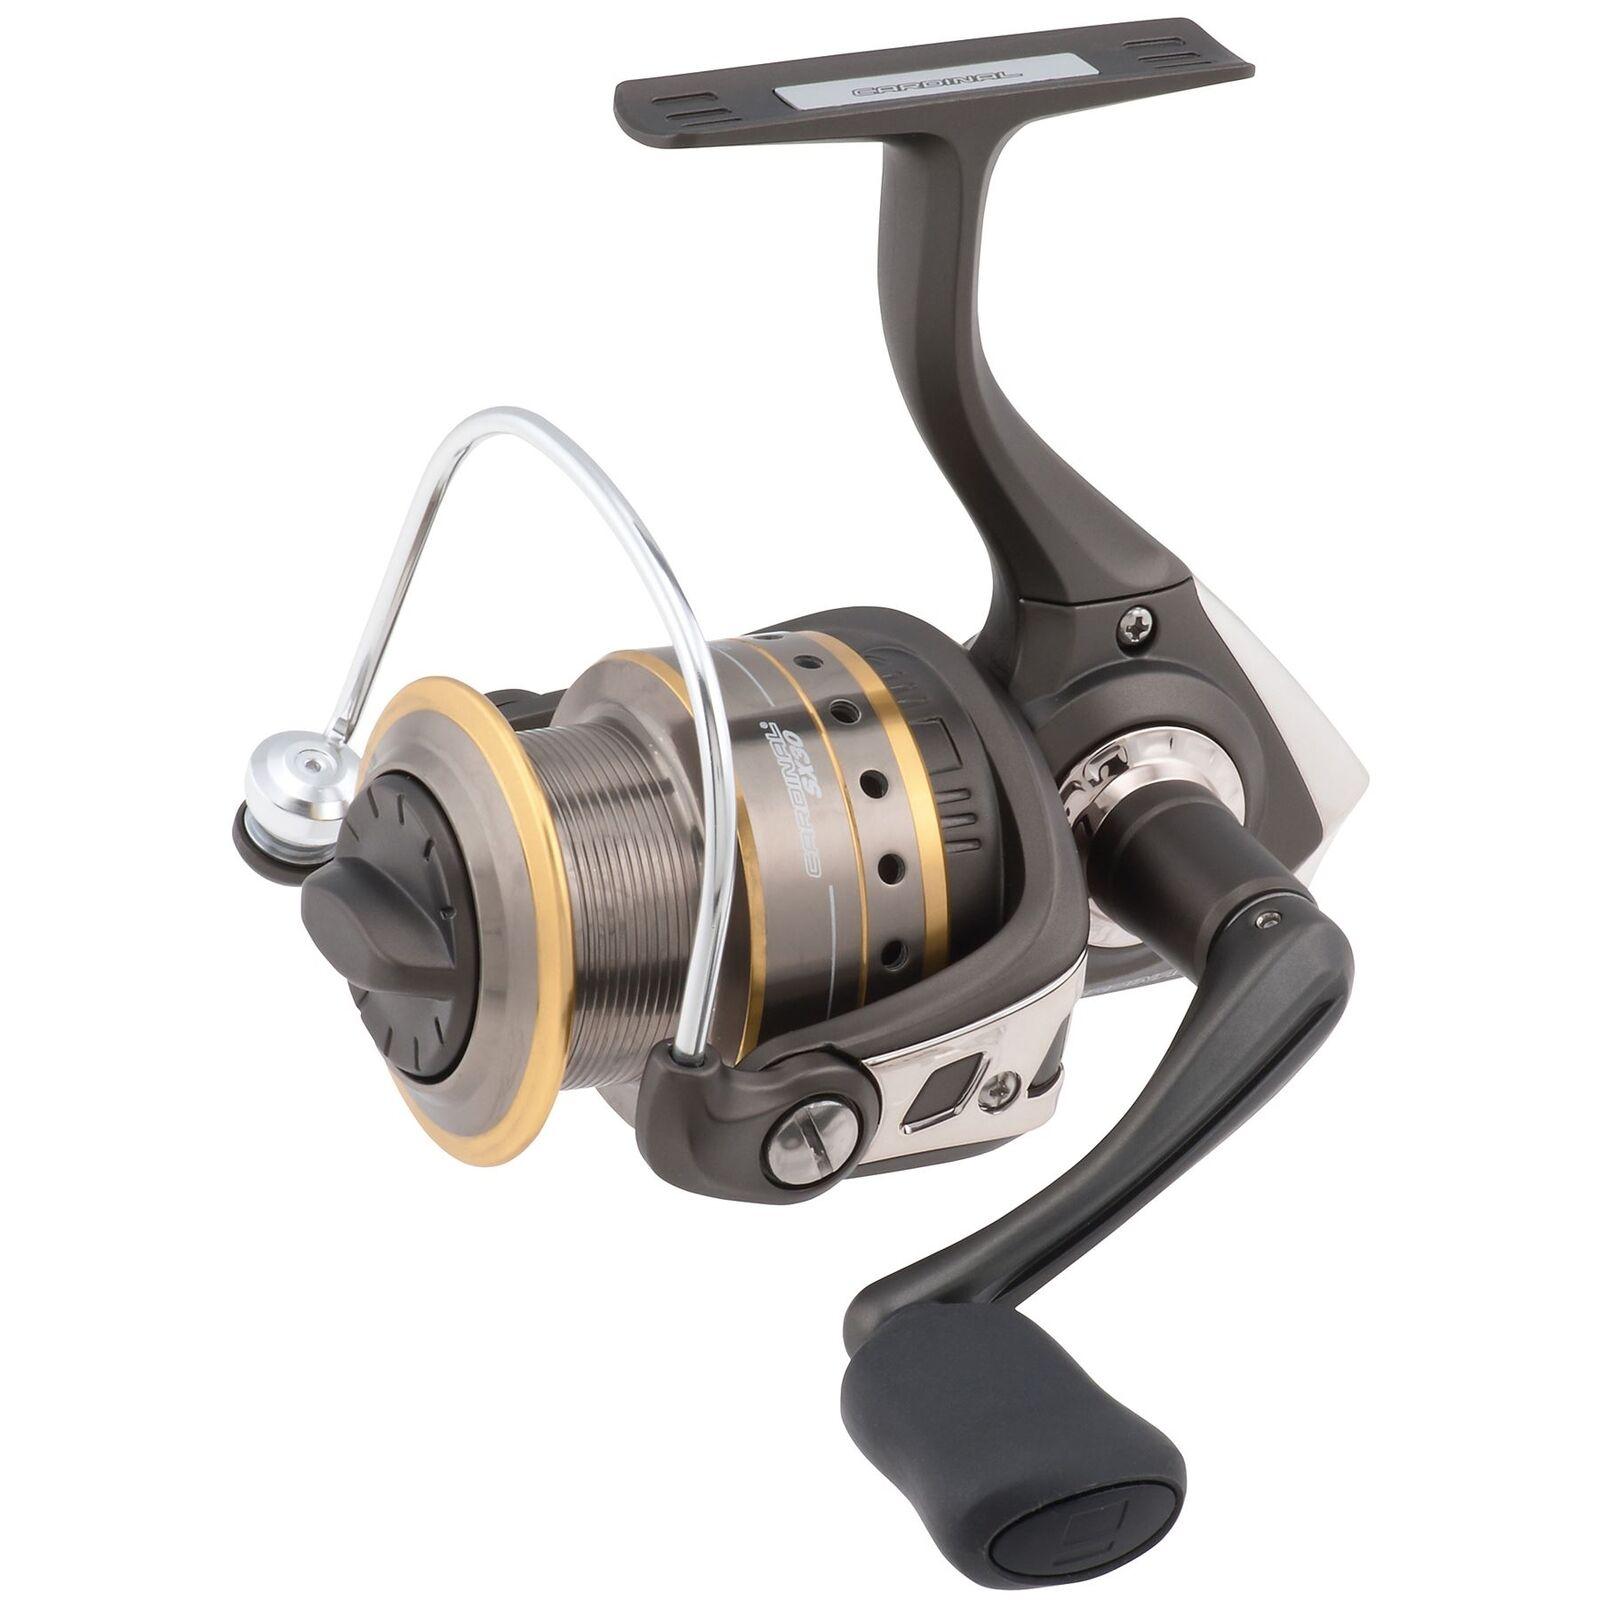 ABU Garcia Cardinal Sx 60 FD/Mulinello FD/Mulinello 60 Da Pesca Spinning 111e0f